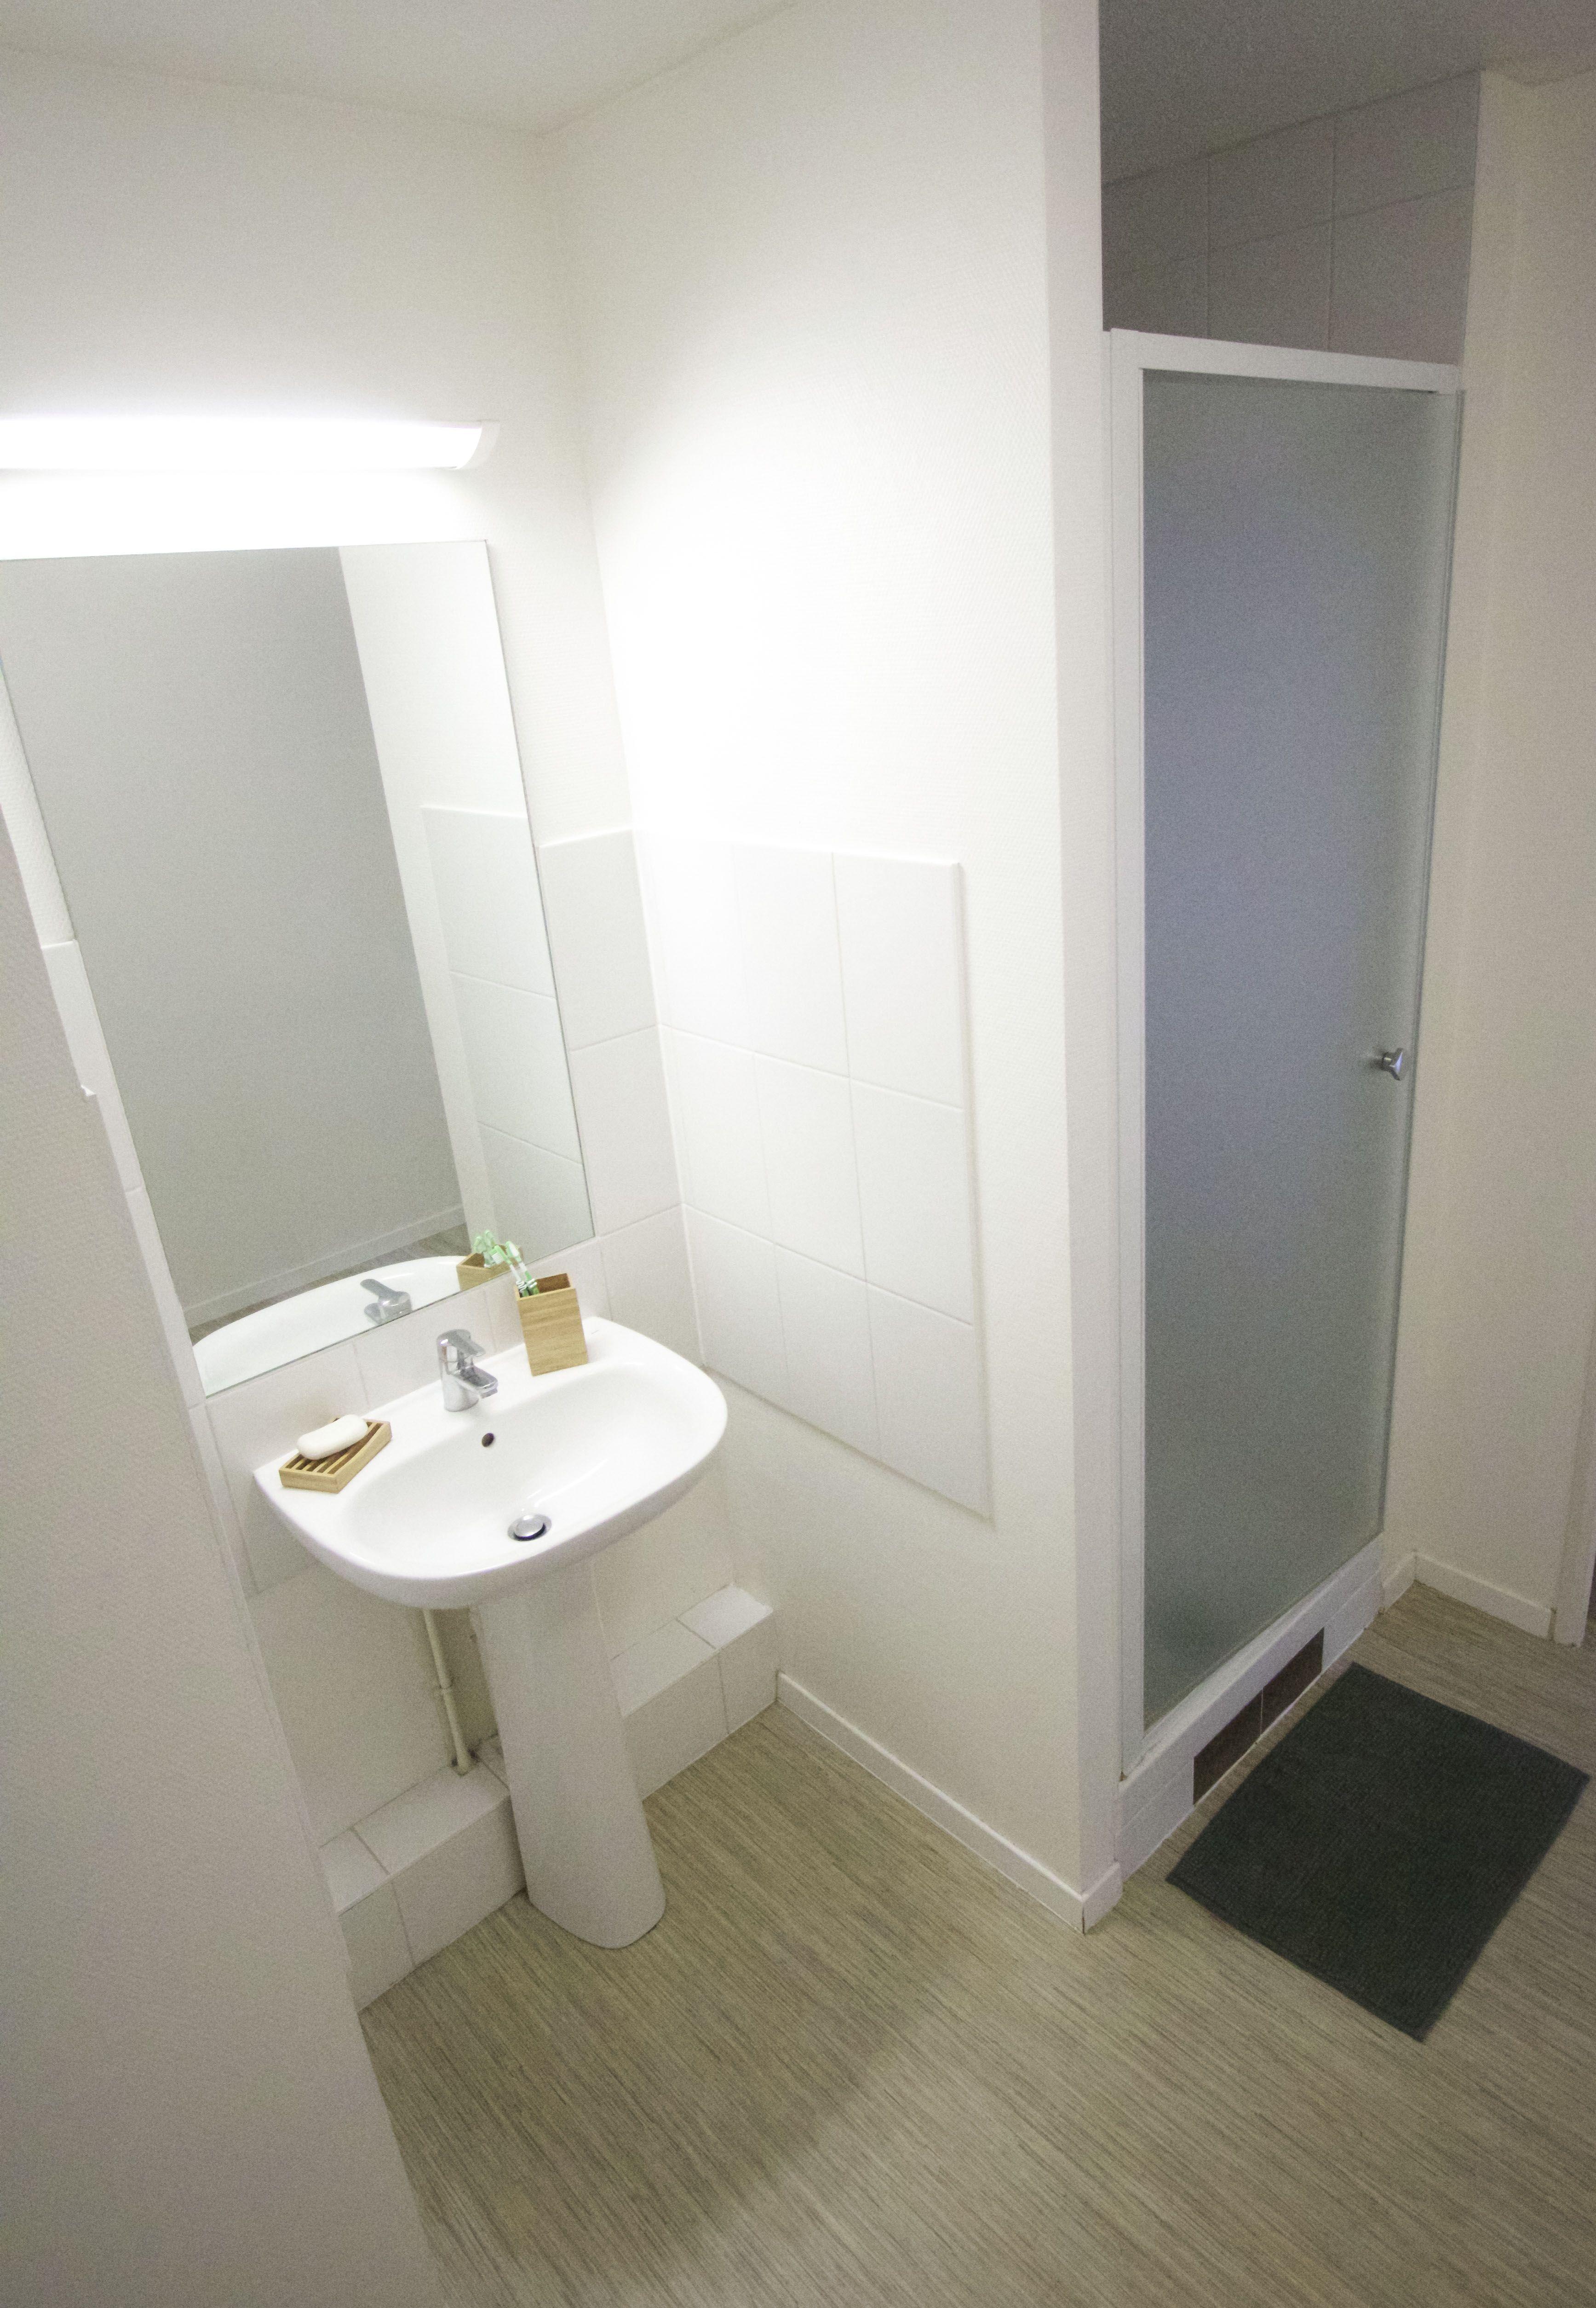 chaque salle de bain est quip e d 39 un lavado sur pied d 39 une douche avec porte en verre et d 39 un. Black Bedroom Furniture Sets. Home Design Ideas